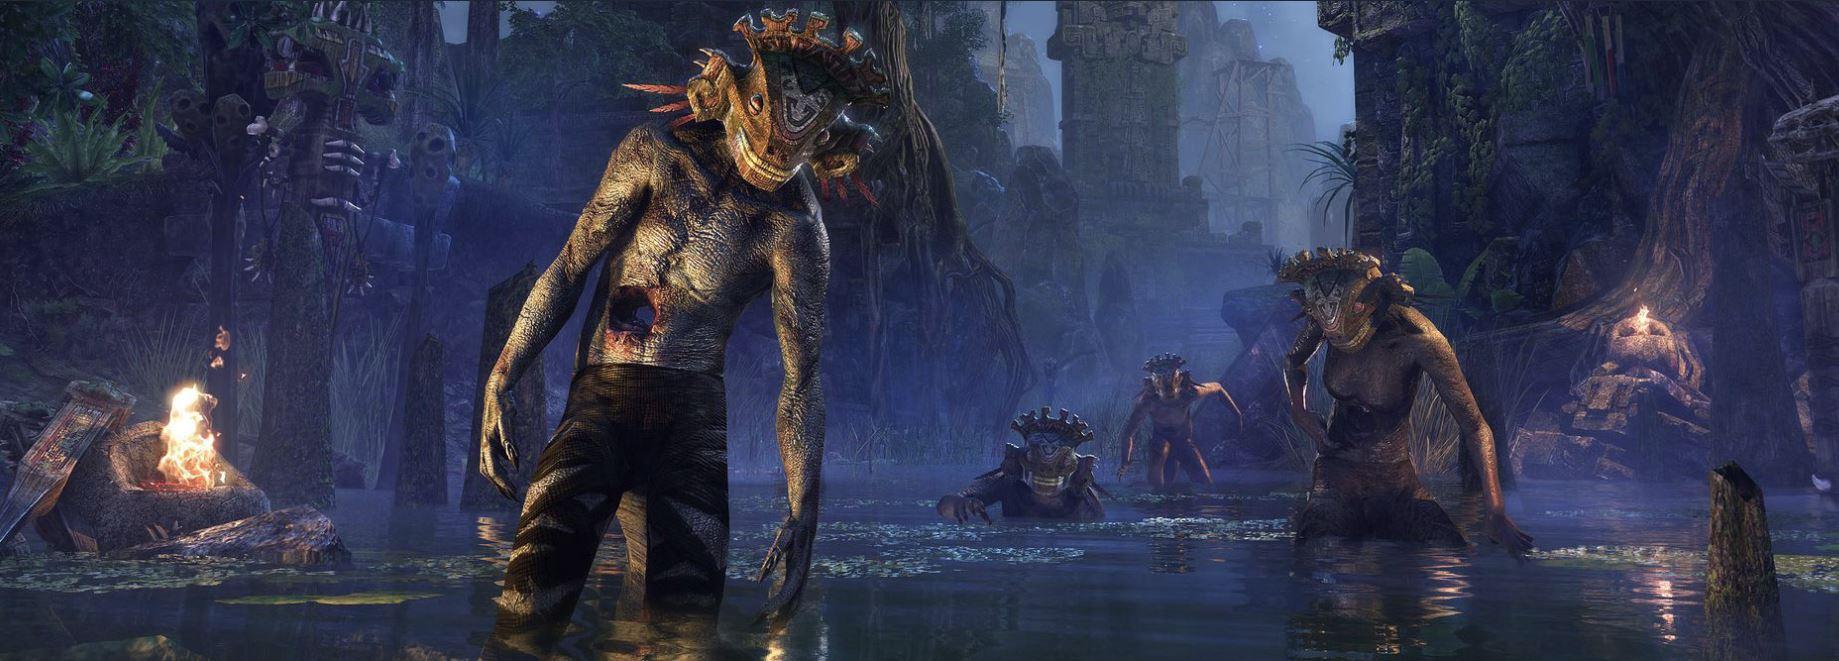 Elder Scrolls Online zeigt Murkmire und Argonier, die auf Echsen reiten